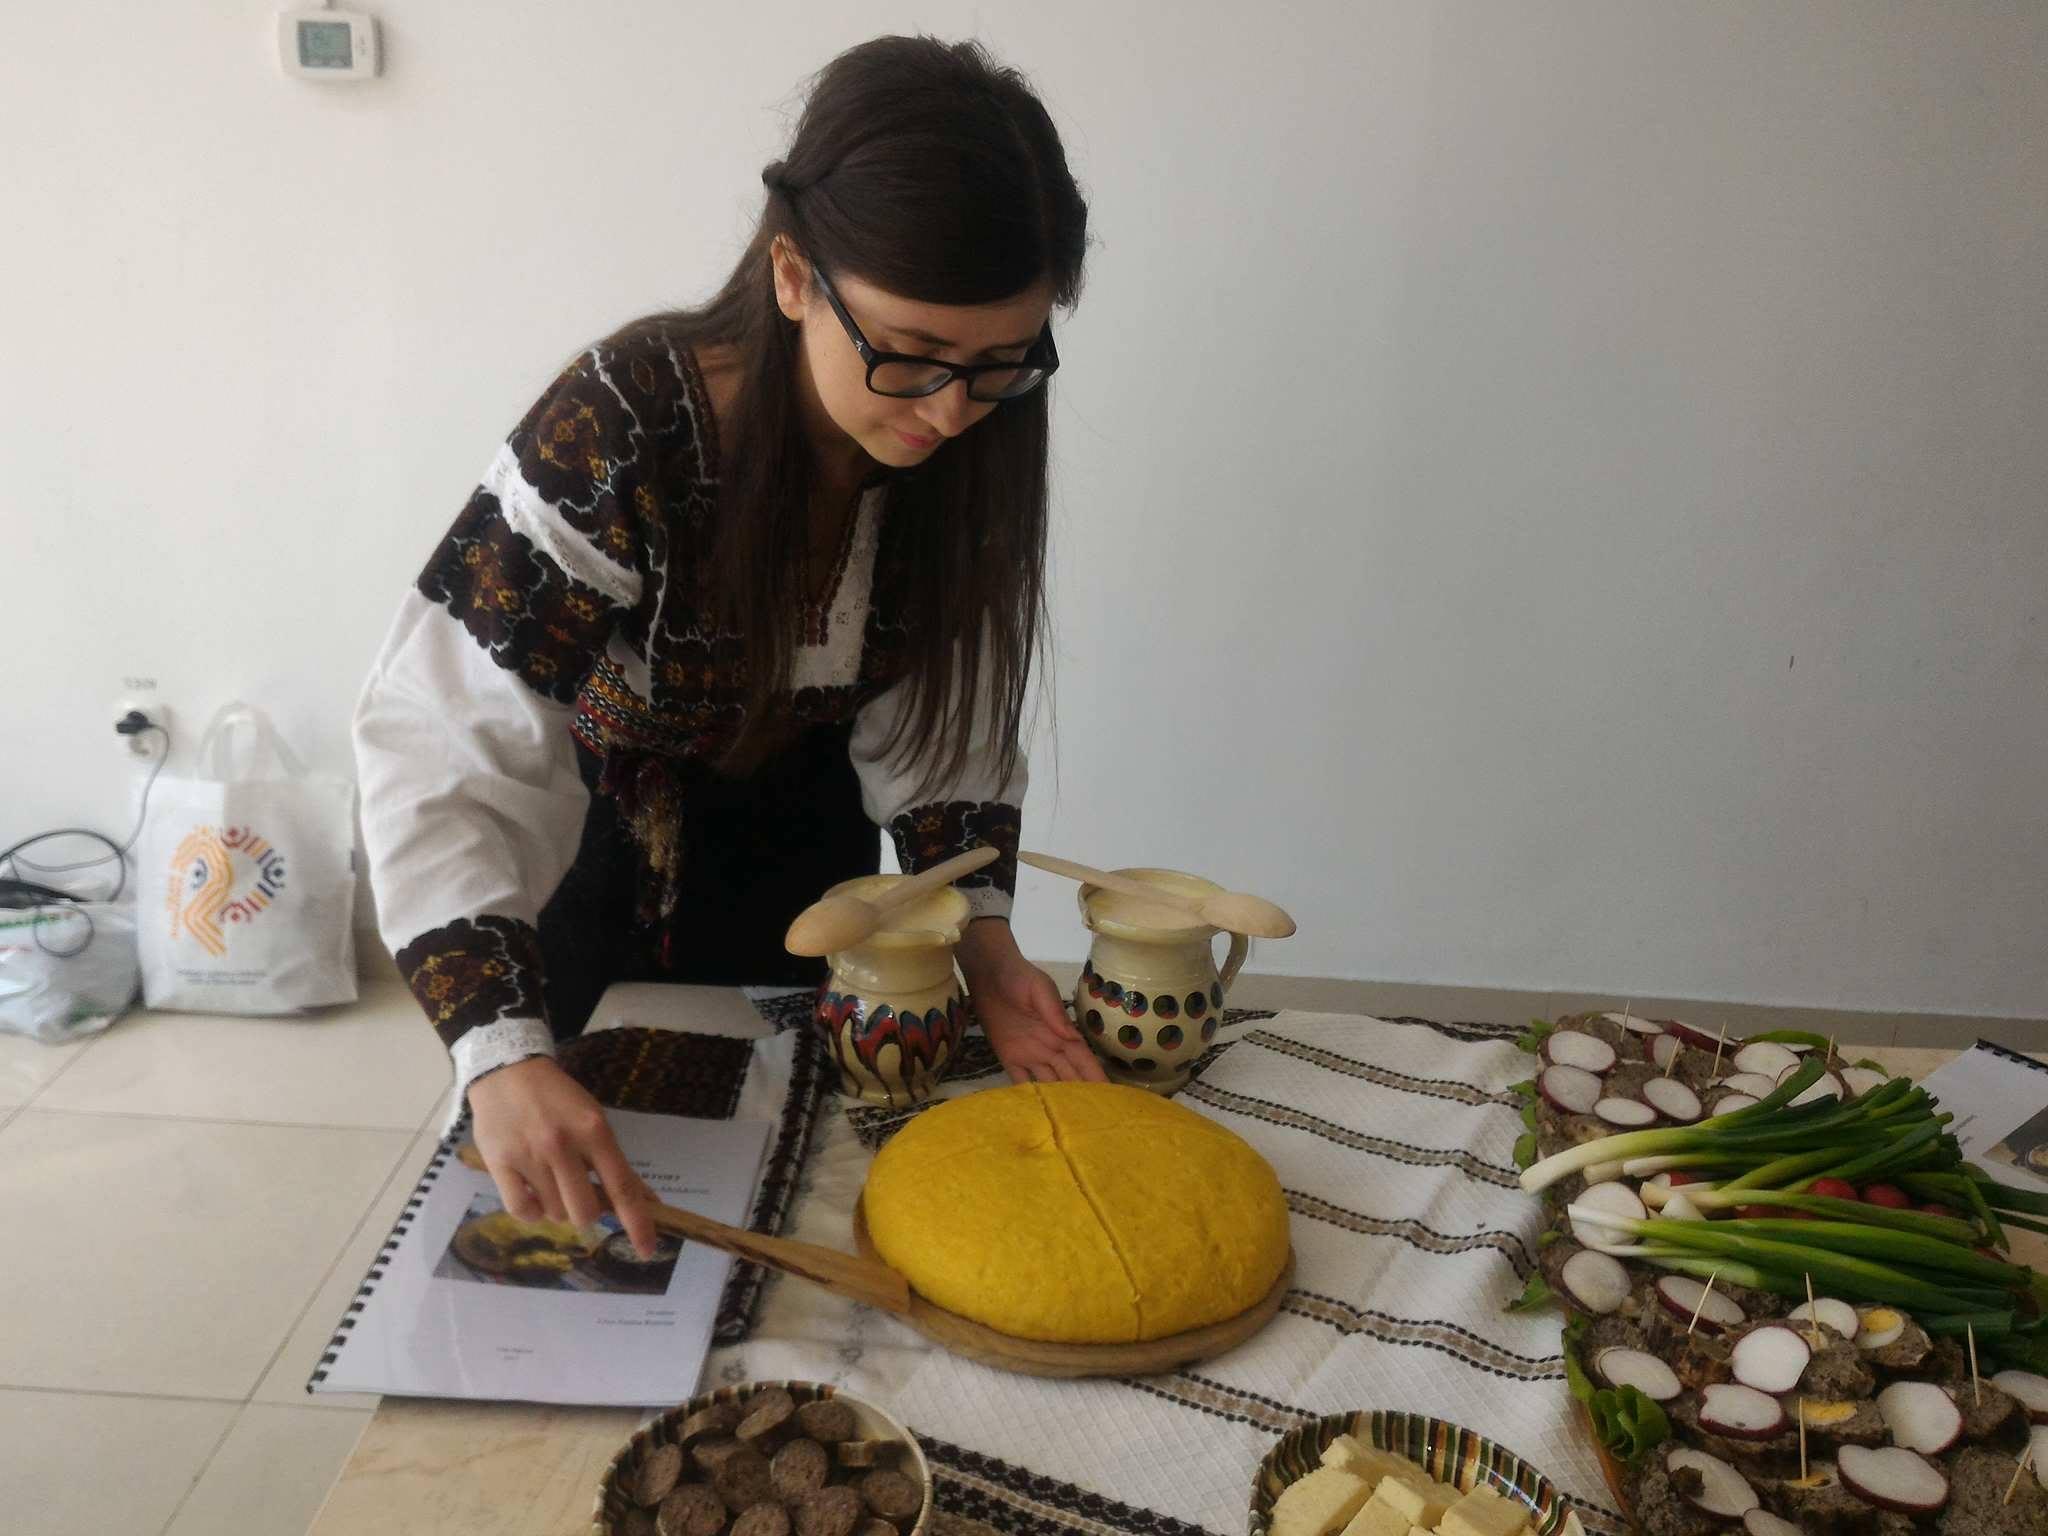 GALERIE FOTO Moşcoarna, seva de mesteacăn sau ţuica din gutui, produse tradiţionale reînviate de studenţii din Cluj-Napoca